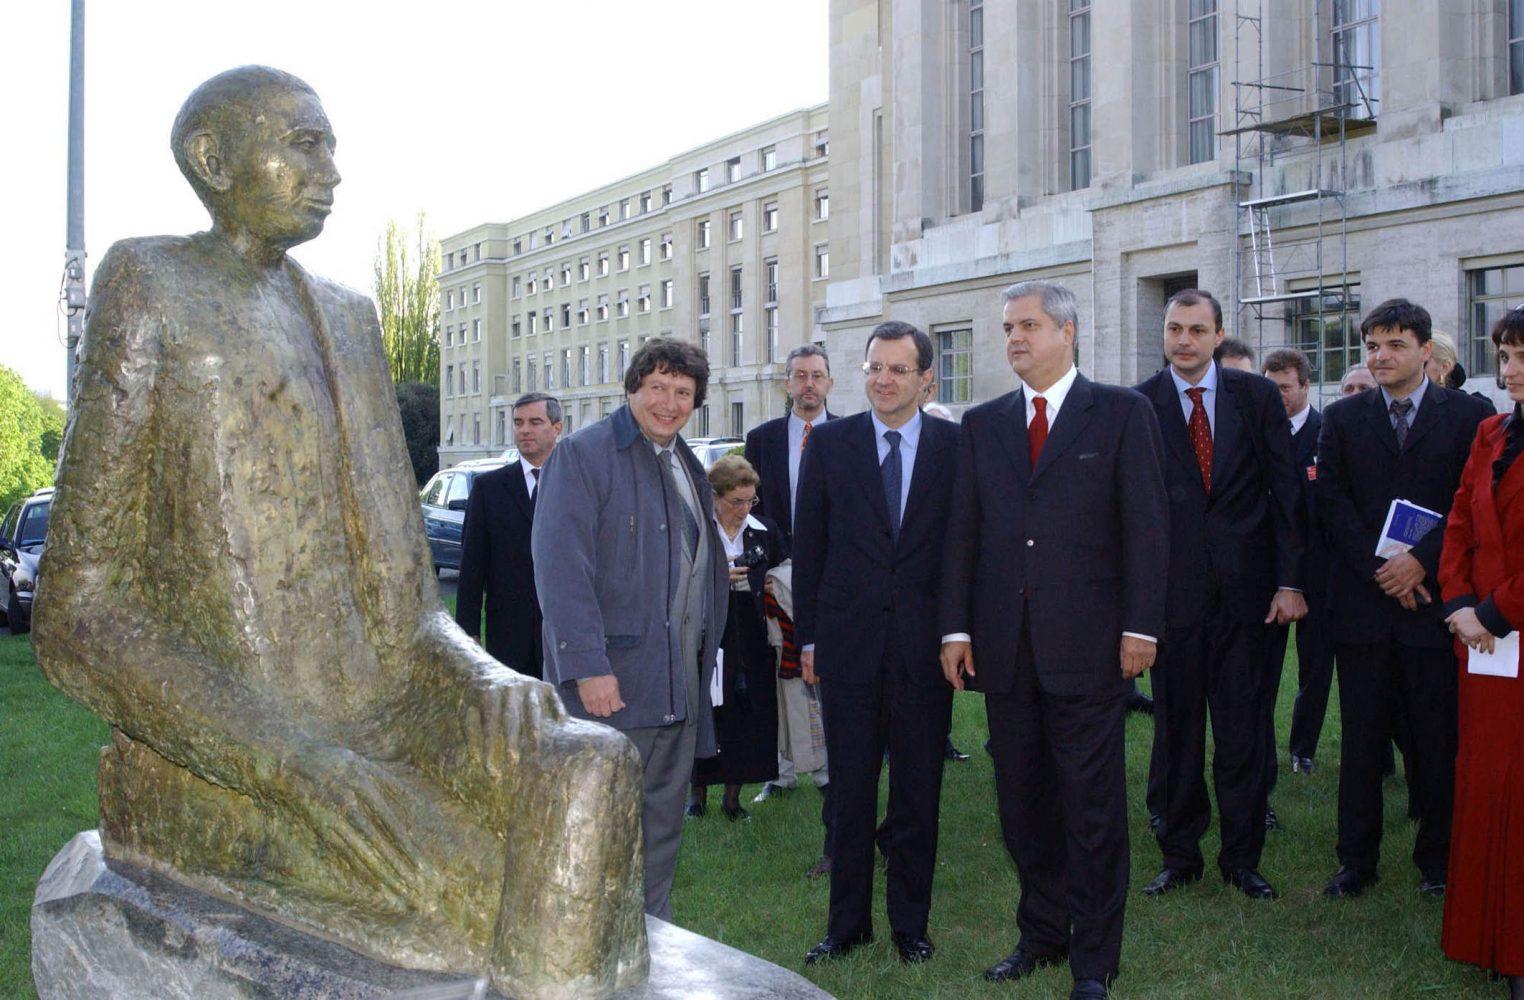 Expoziție Nicolae Titulescu la Palatul Națiunilor din Geneva